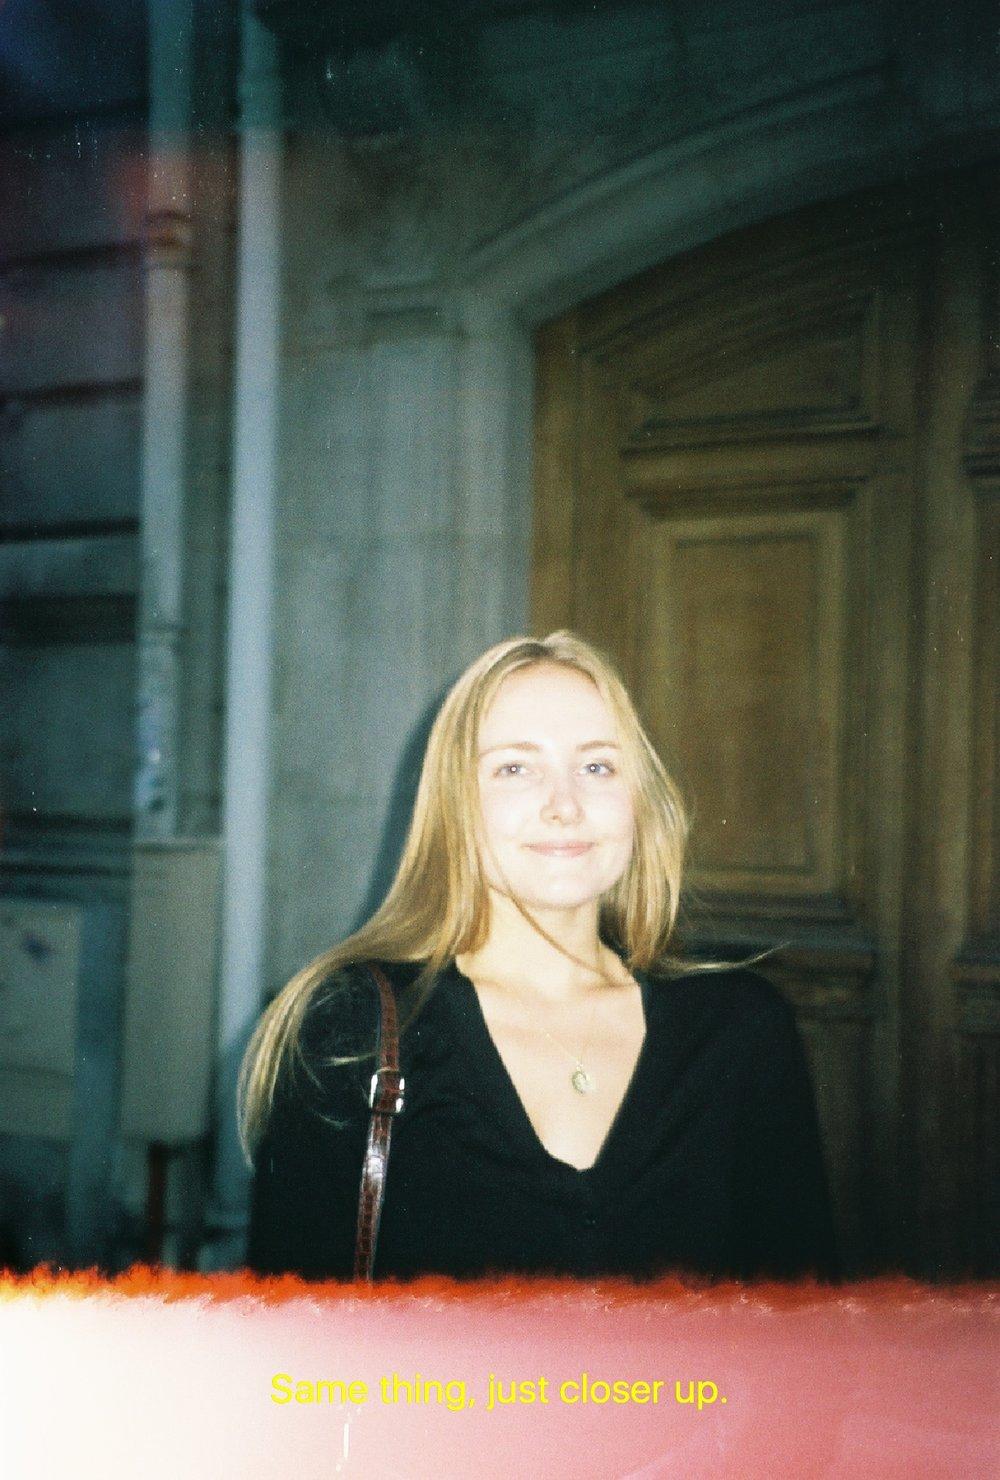 paris-on-35mm-film27_Fotor.jpg